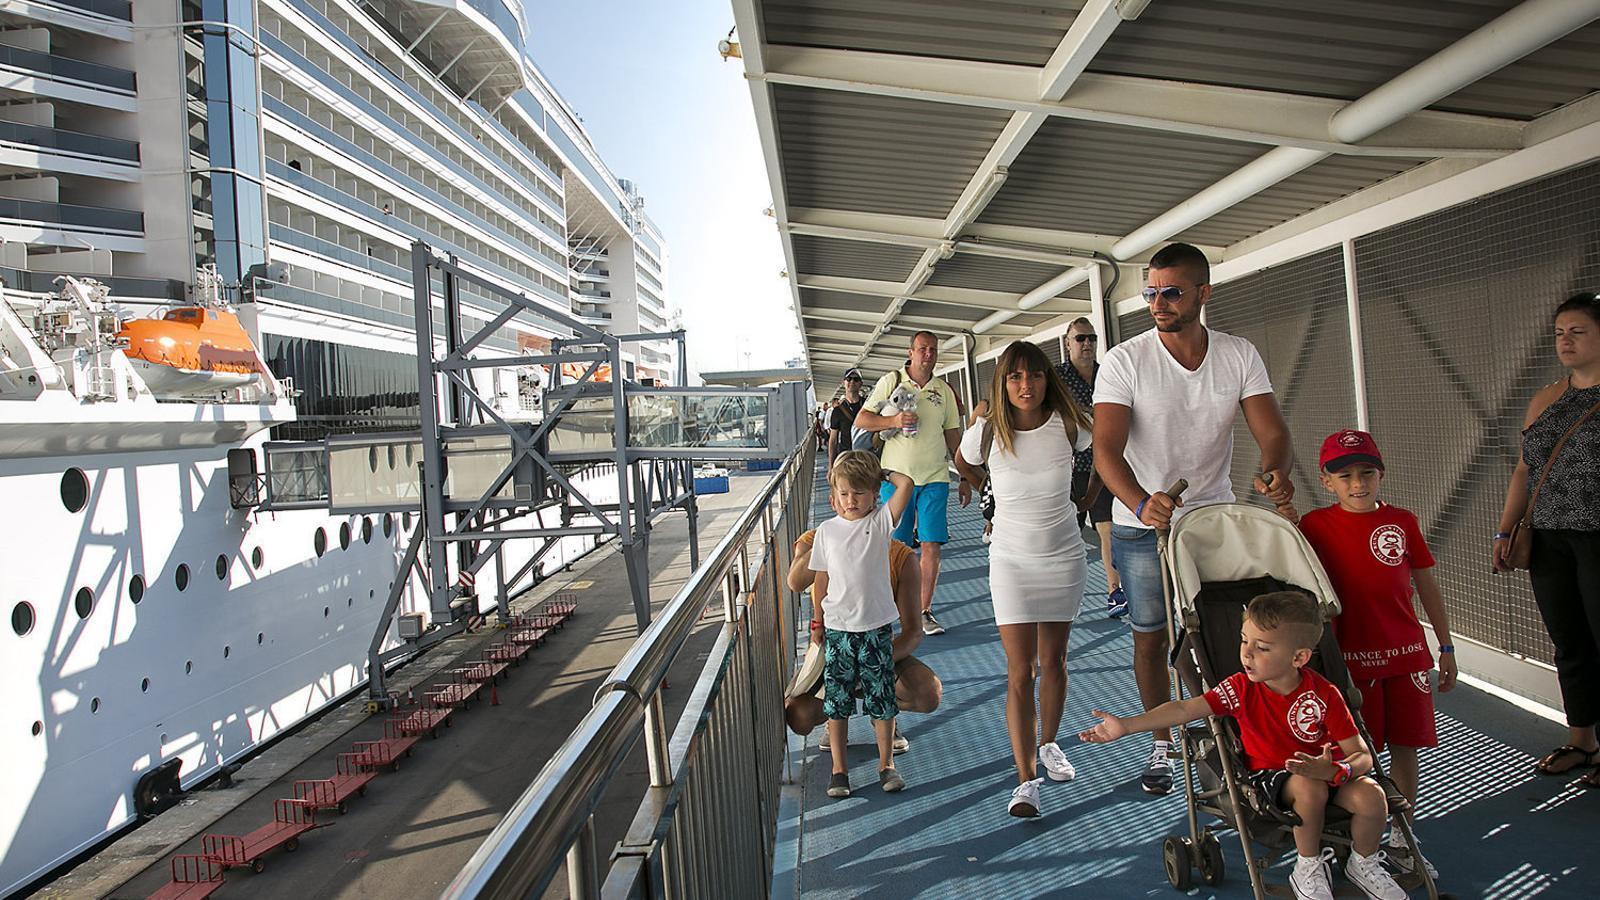 Un grup de turistes creueristes desembarcant d'un vaixell a la terminal A del port de Barcelona.